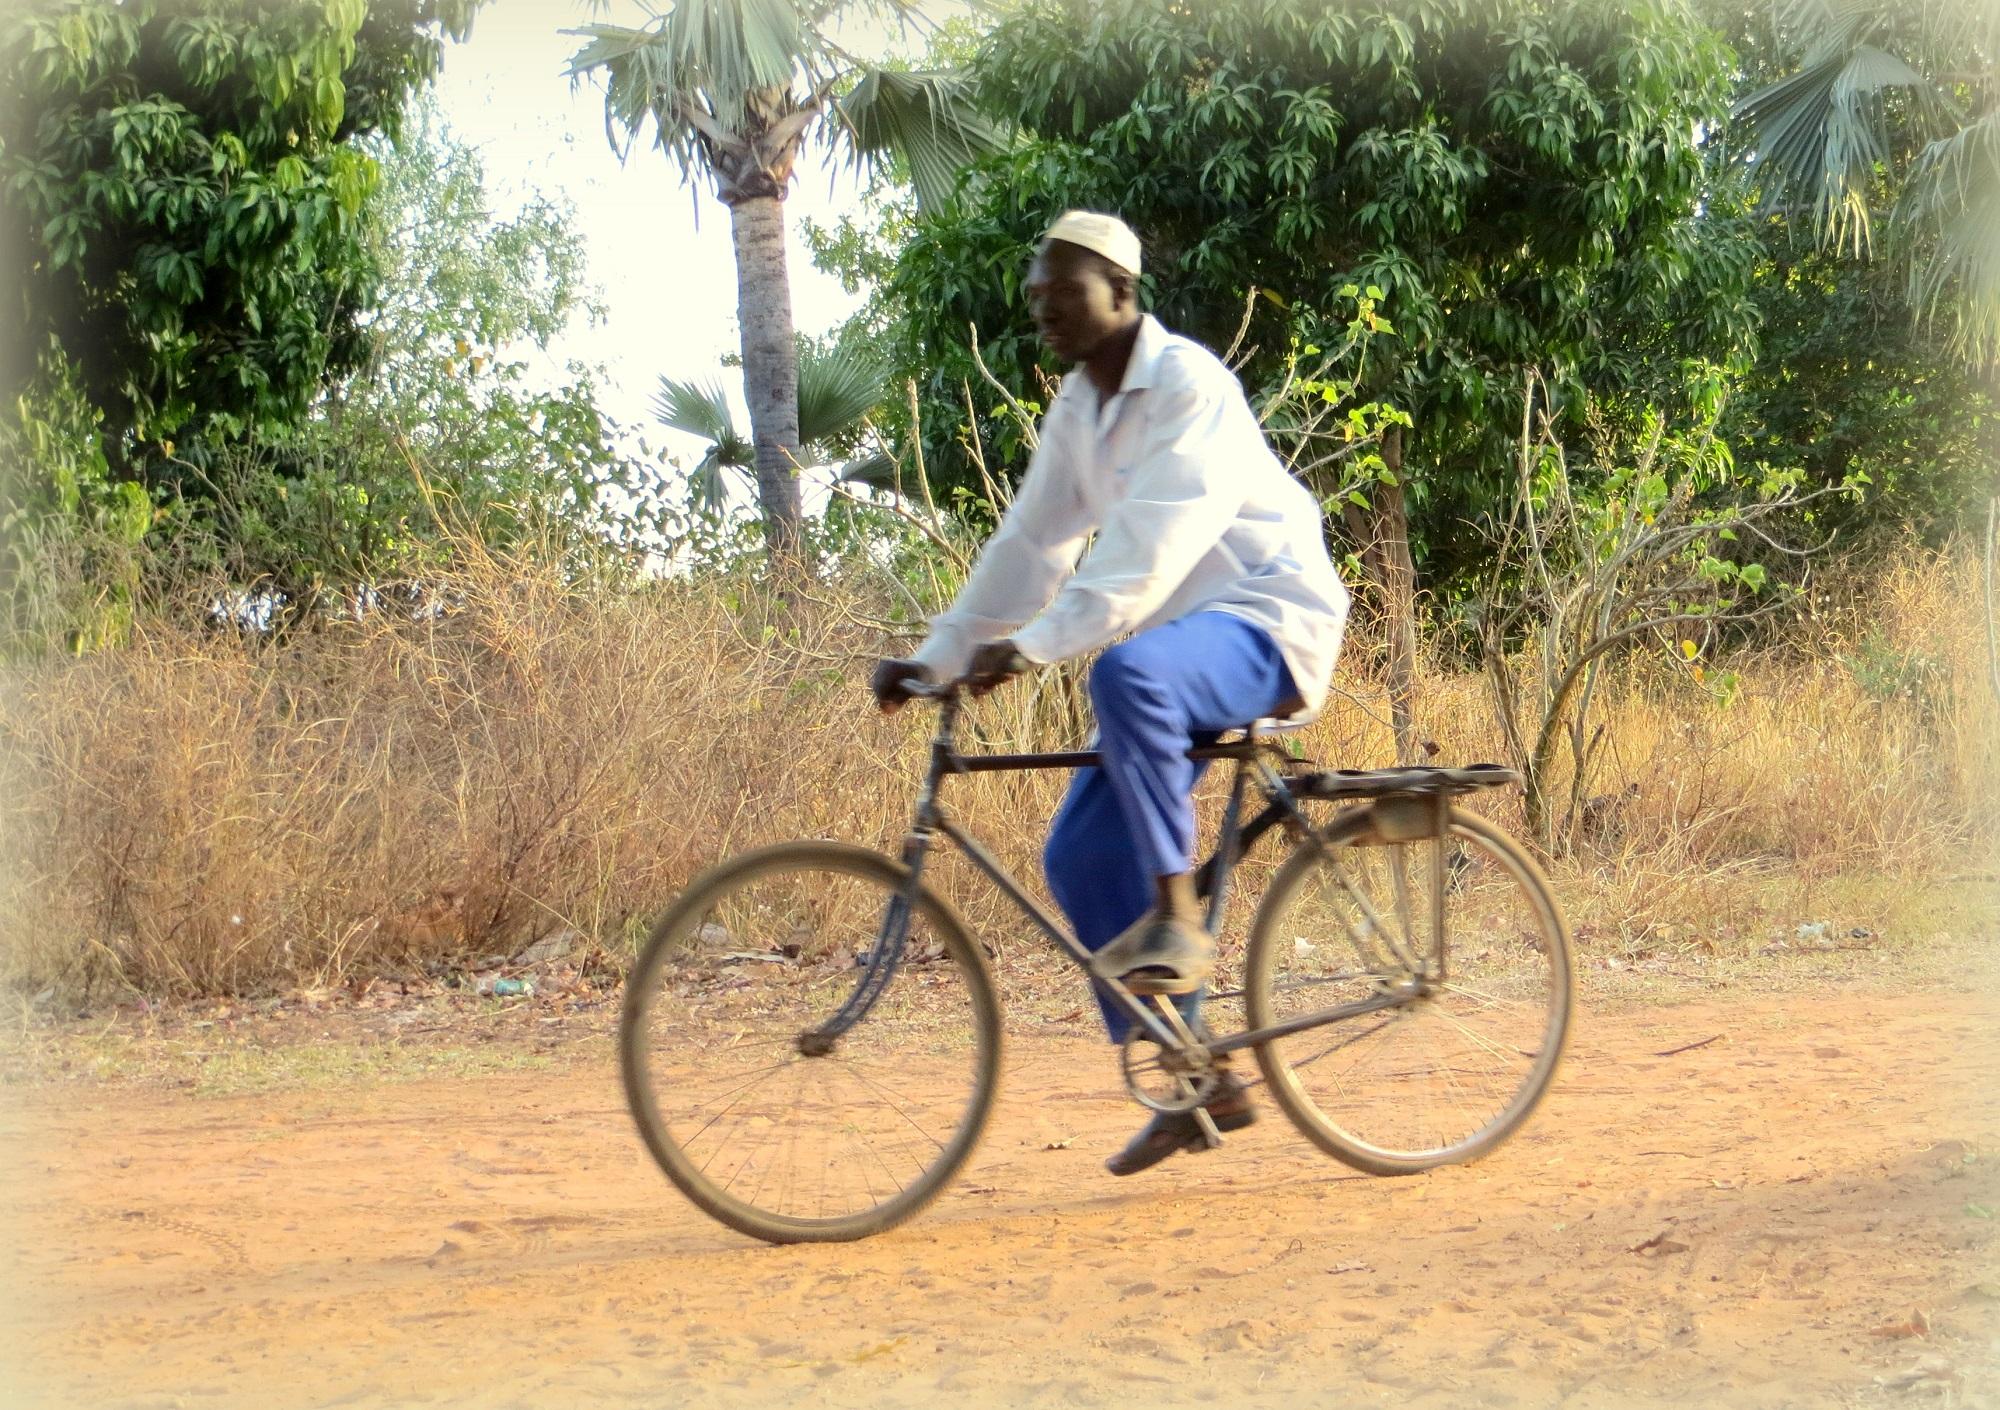 Niansogoni, Burkina Faso, 2014